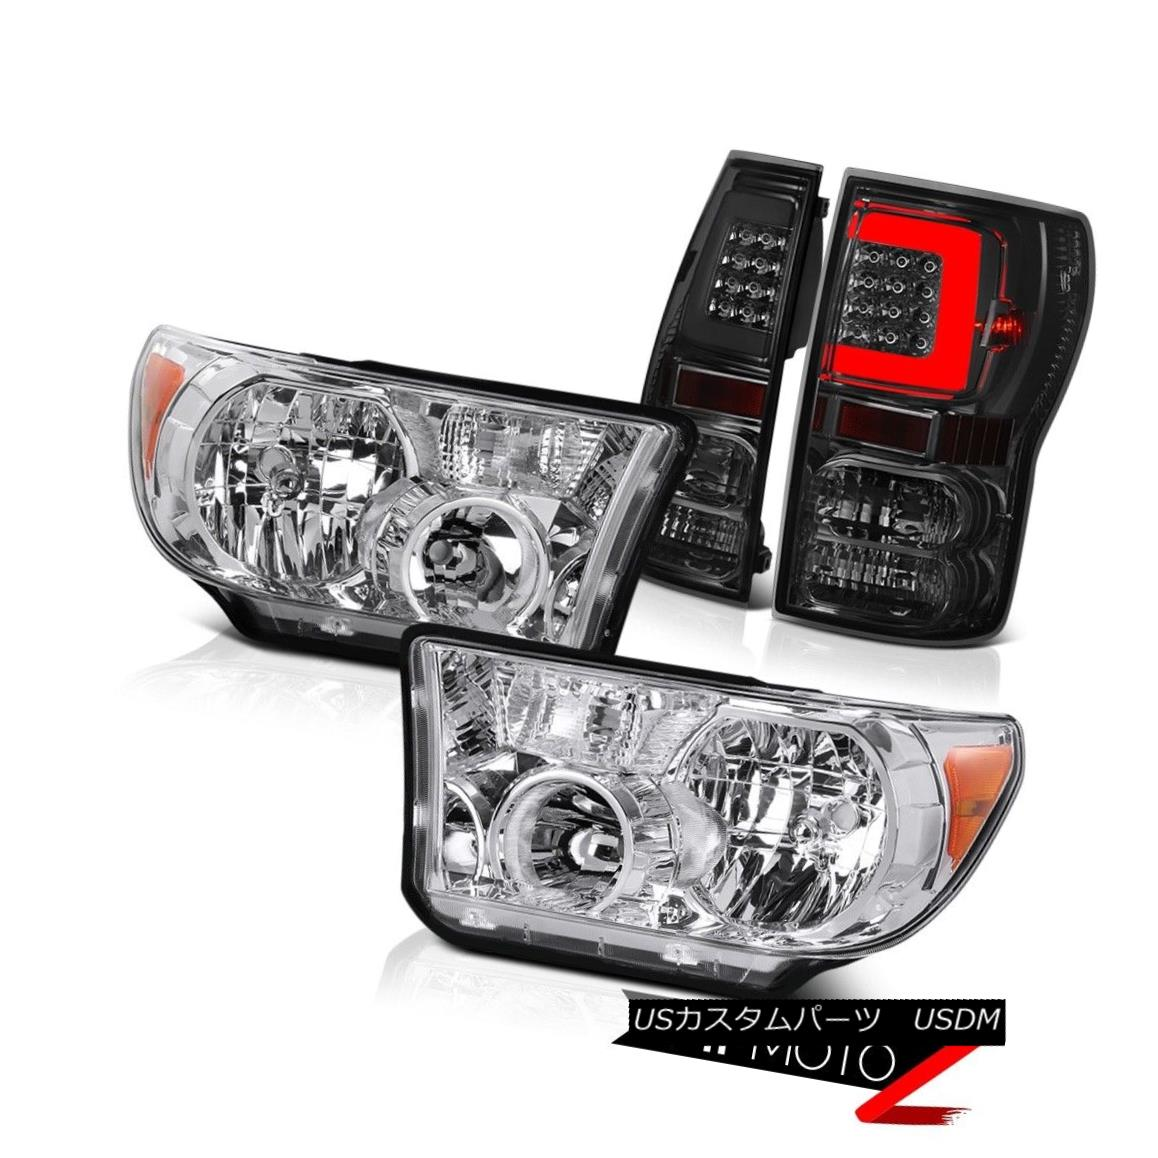 ヘッドライト 07-10 11 12 13 Toyota Tundra Neon Tube Rear Euro Chrome Head Lamps Replacement 07-10 11 12 13トヨタトンドラネオンチューブリアユーロクロームヘッドランプの交換